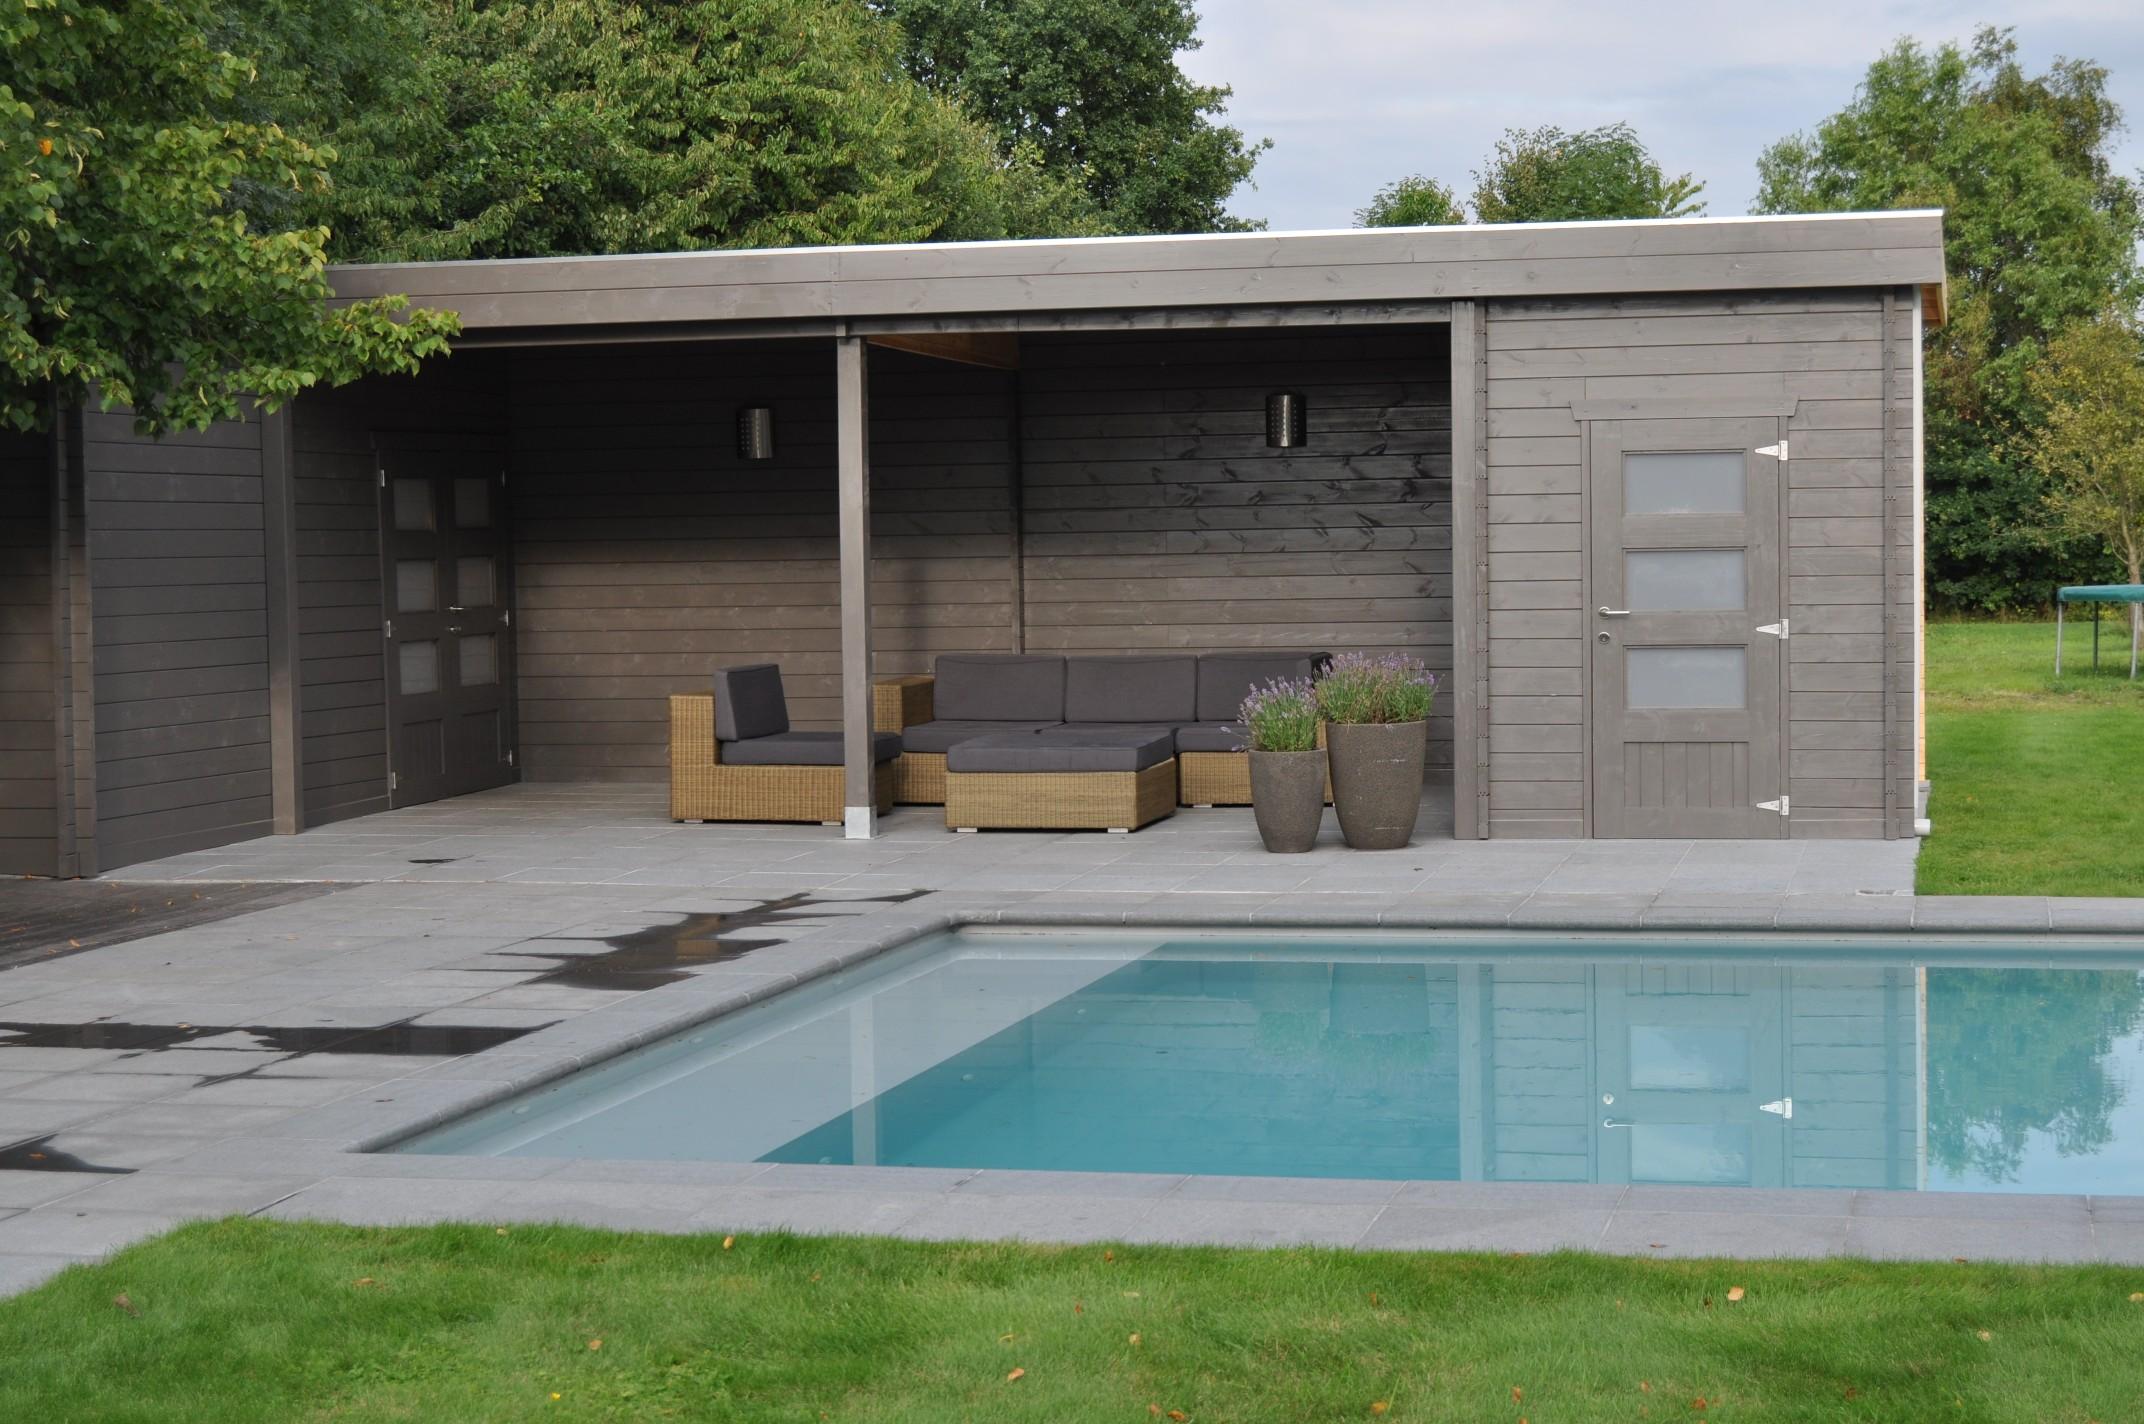 Badkamer in slaapkamer vocht beste inspiratie kamers design en meubels - Zwembad interieur design ...